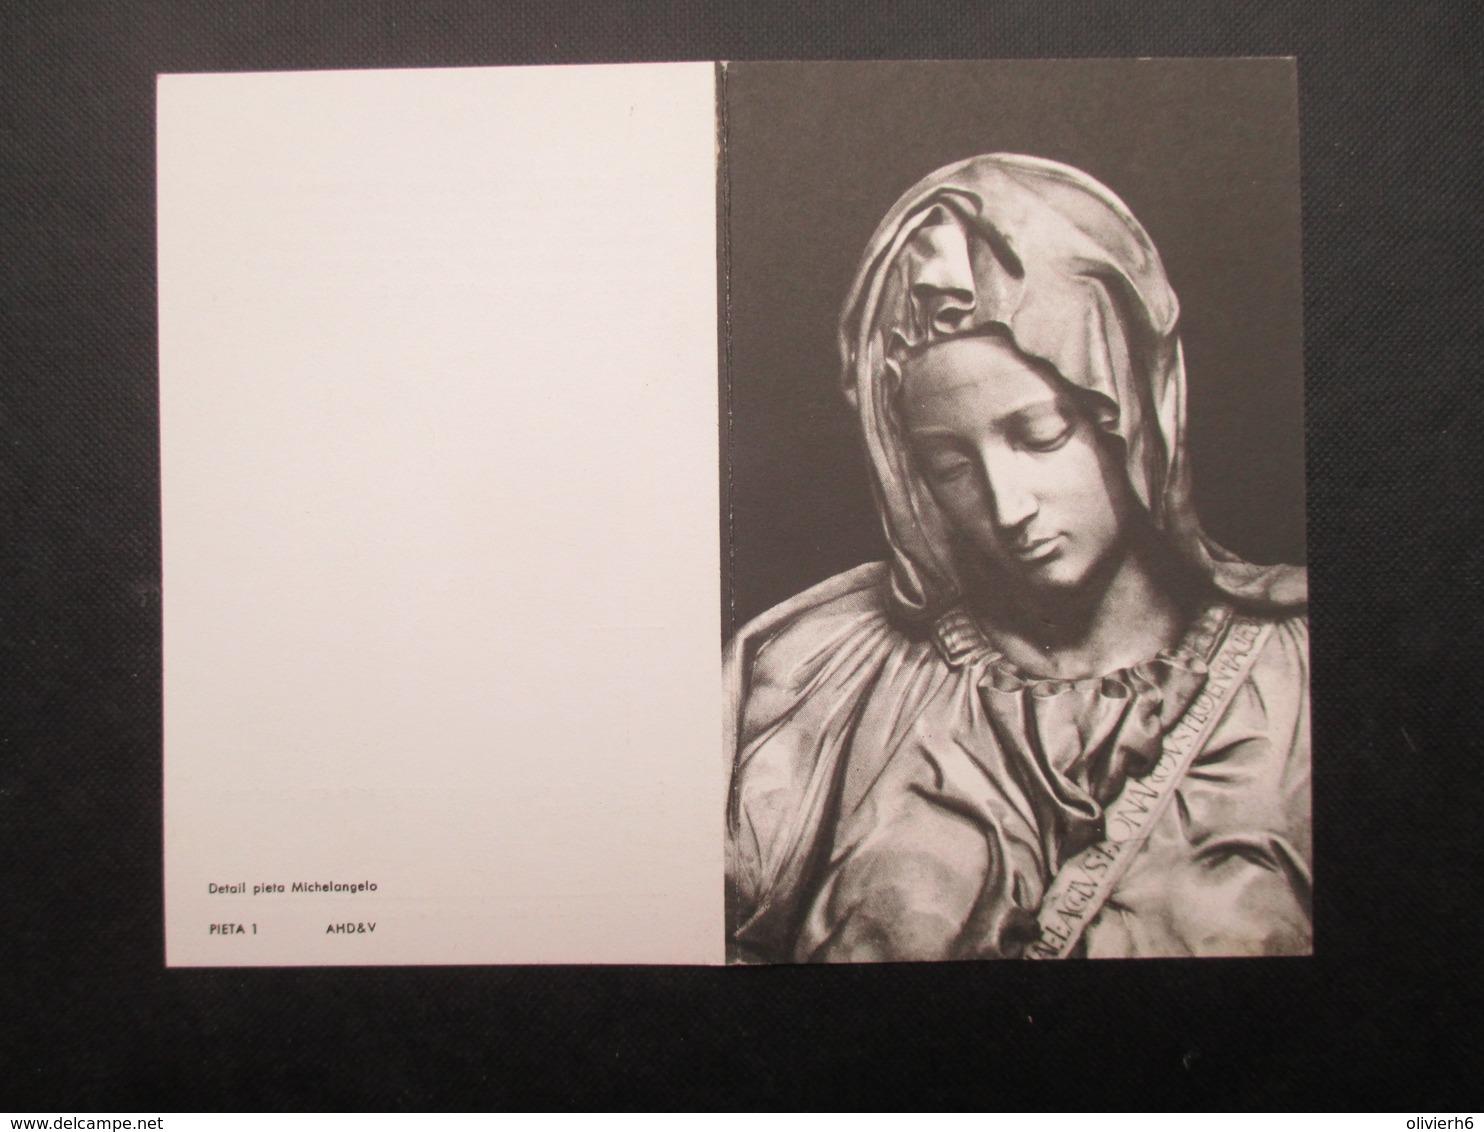 VP BELGIQUE (M1902) DOODSPRENTJE (2 Vues) JOANNA LEONIE COREMANS * LEEST 26/01/1891 - WILLEBROEK 9/9/1970 - Todesanzeige